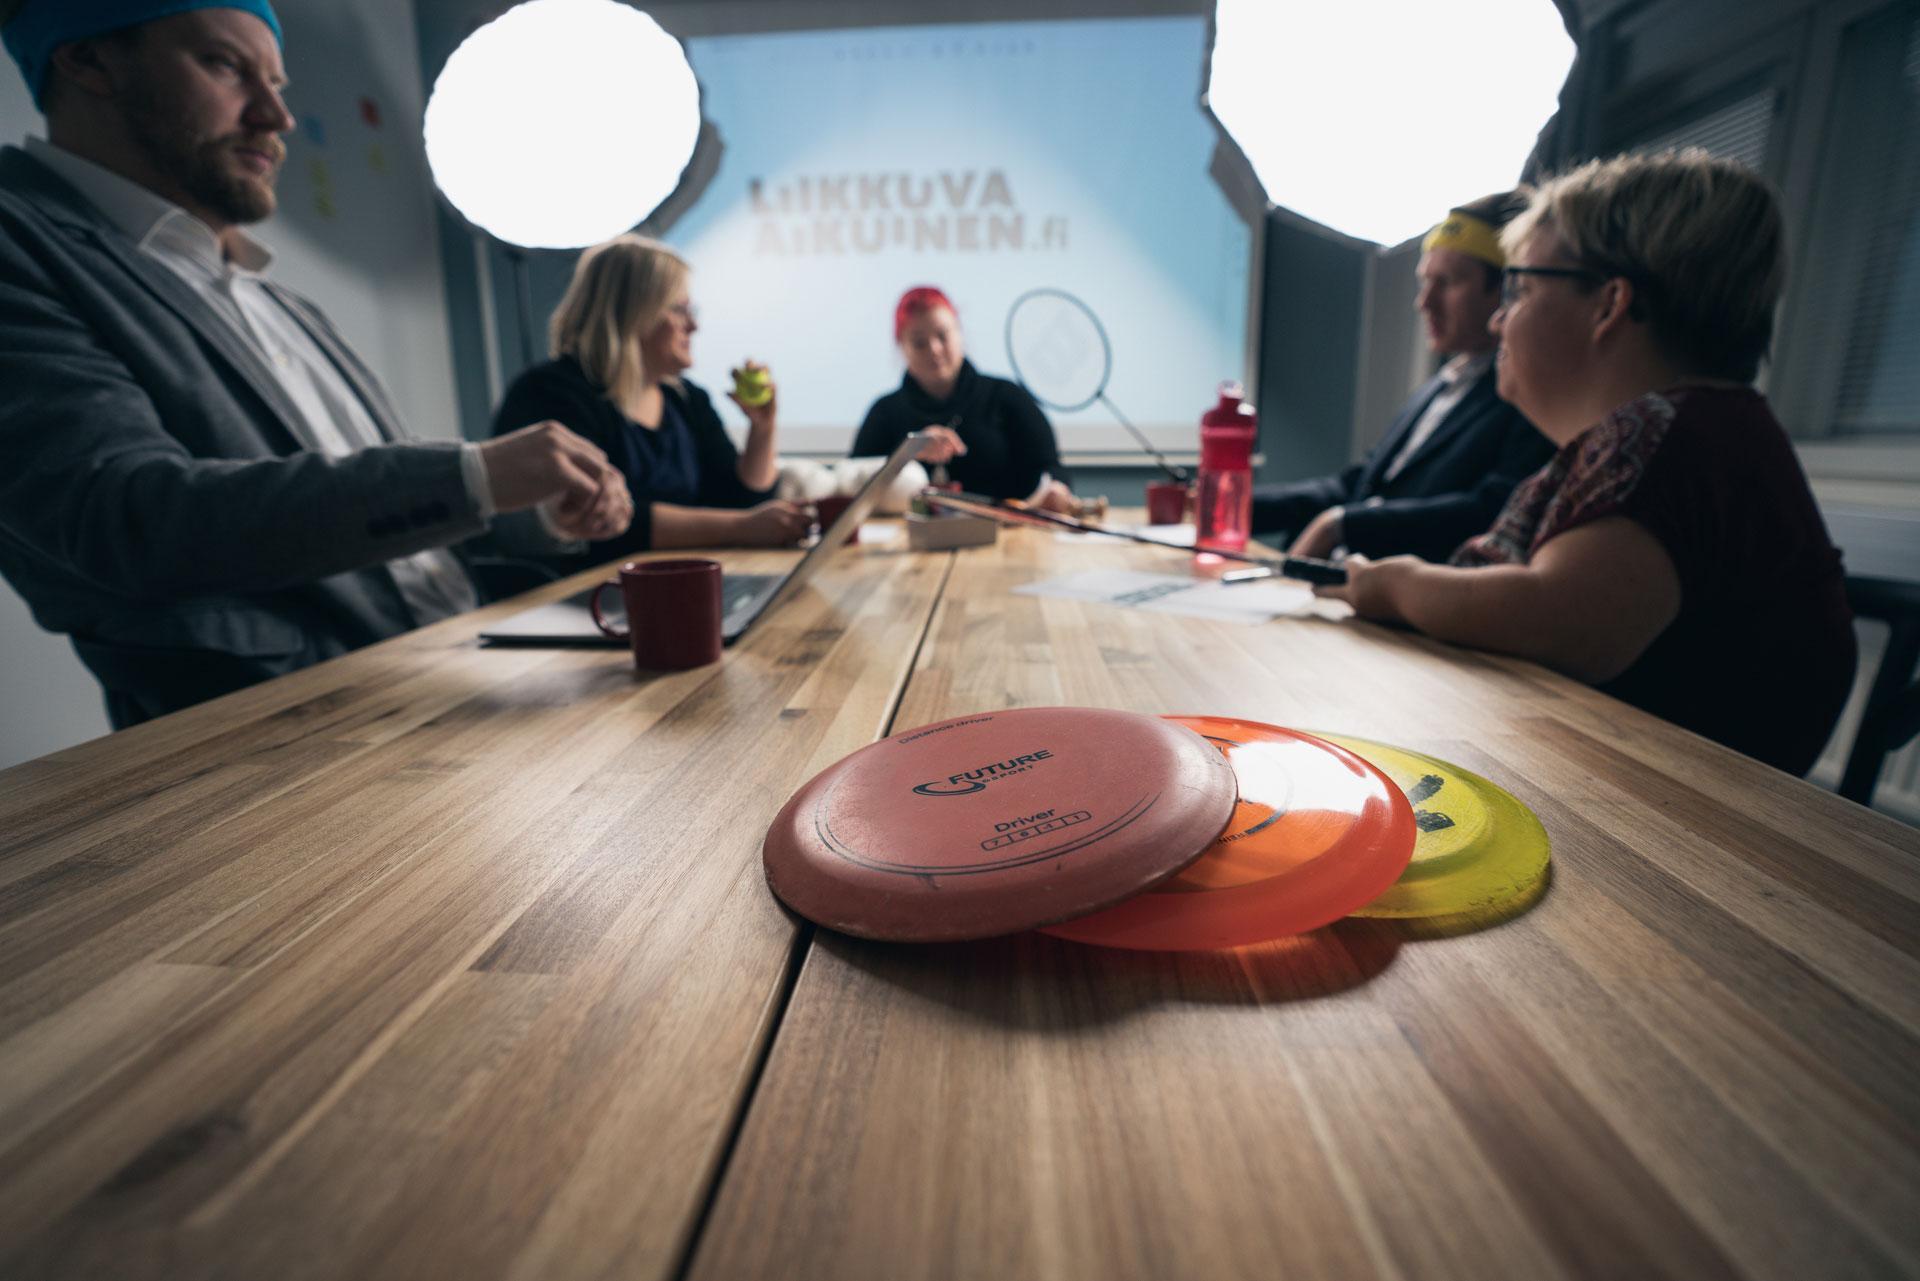 Ihmisiä istuu neuvottelupöydän ääressä.